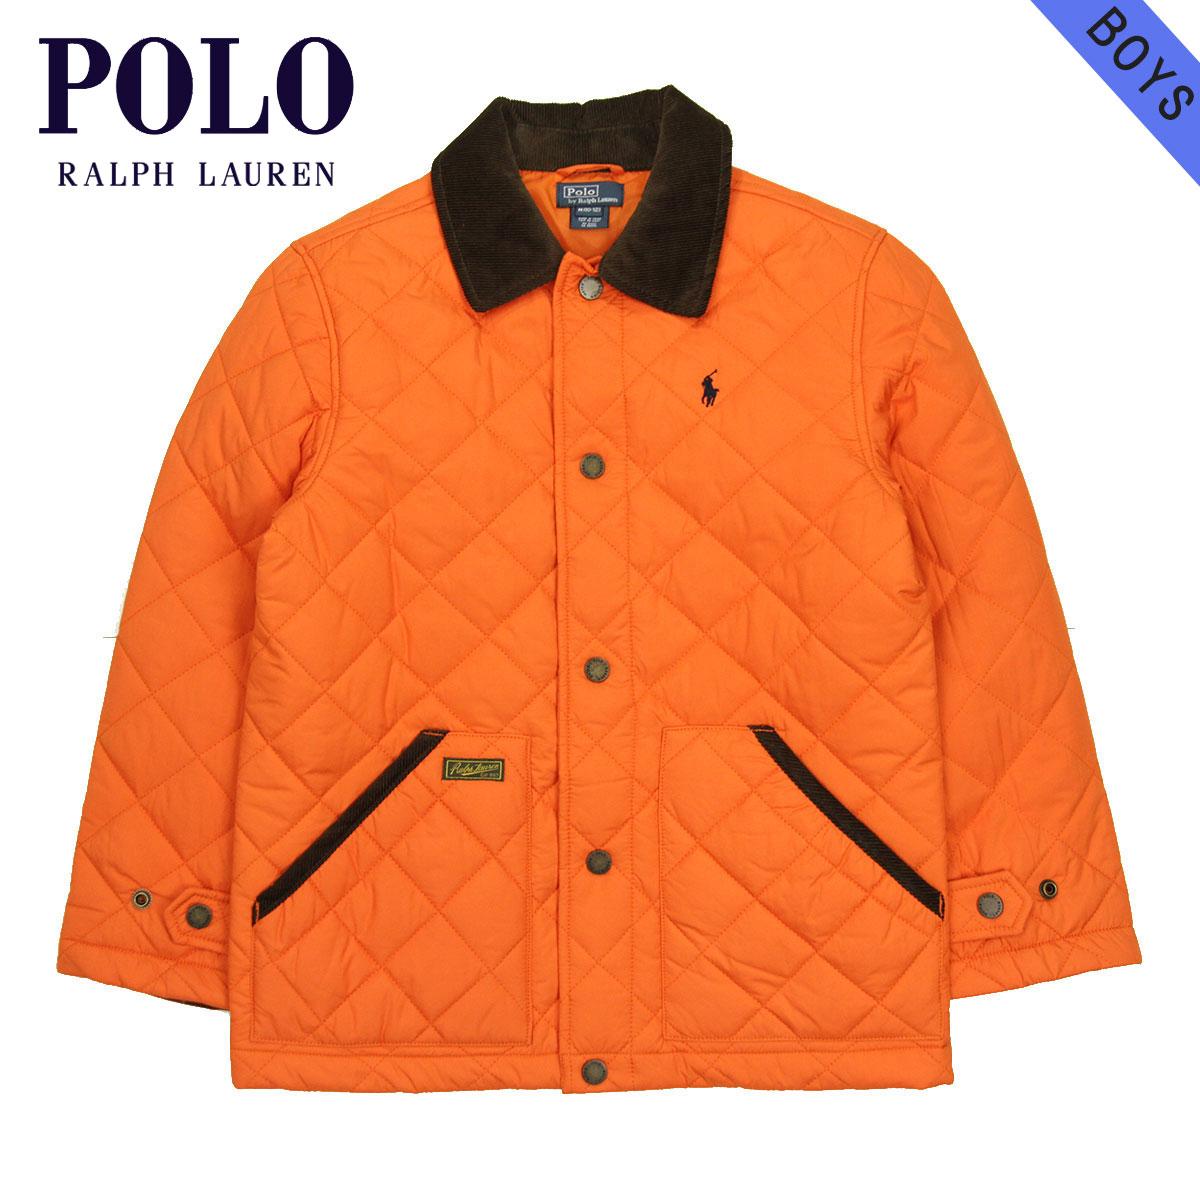 ポロ ラルフローレン キッズ POLO RALPH LAUREN CHILDREN 正規品 子供服 ボーイズ キルティングジャケット New Hagan Jacket #22358276 ORANGE A63B B5C C1D D4E E10F